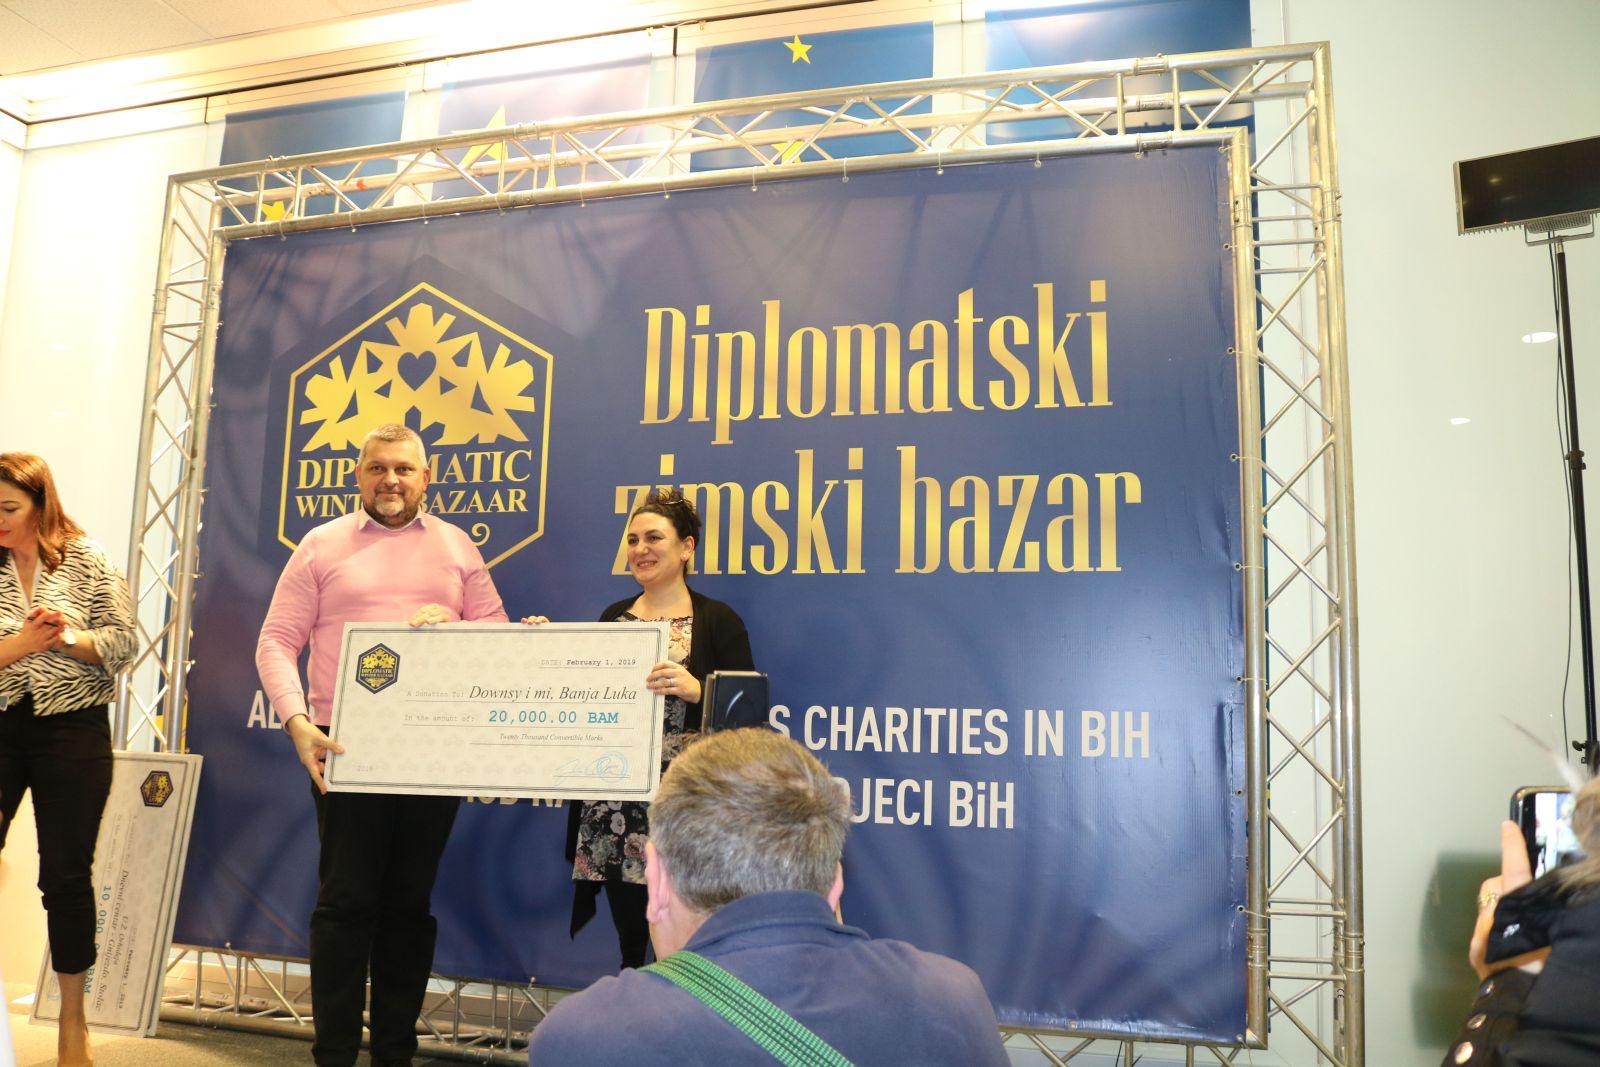 Diplomatski Bazar 3